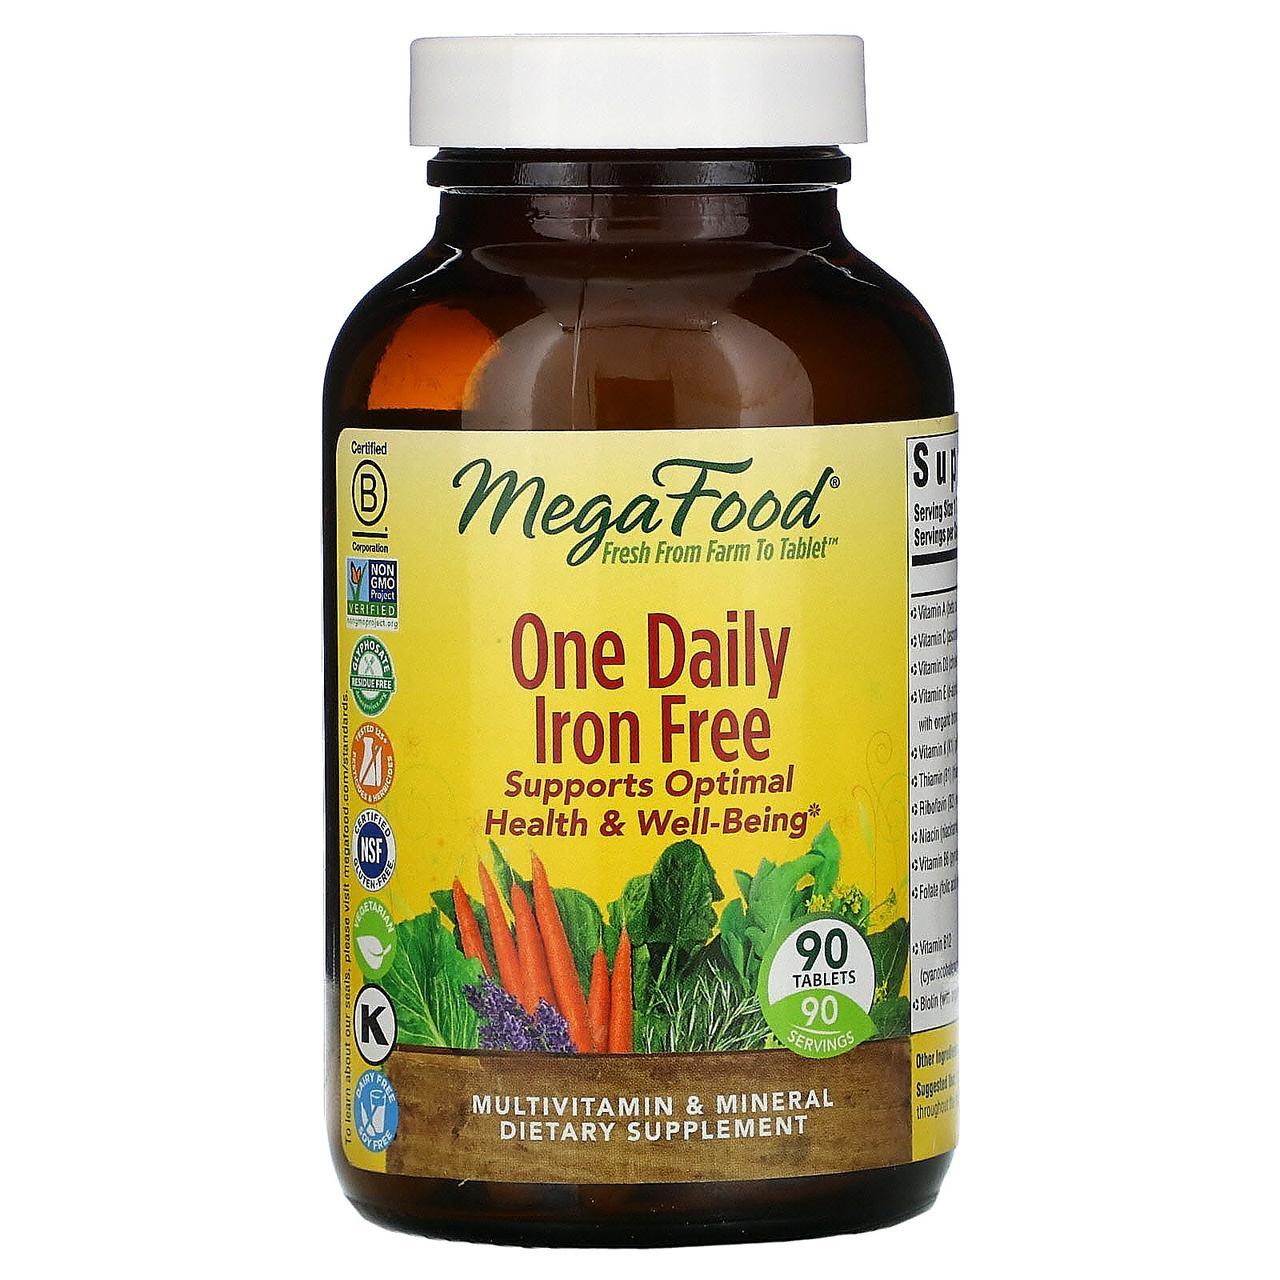 Ежедневные мультивитамины и минералы без железа от MegaFood, 90 таблеток